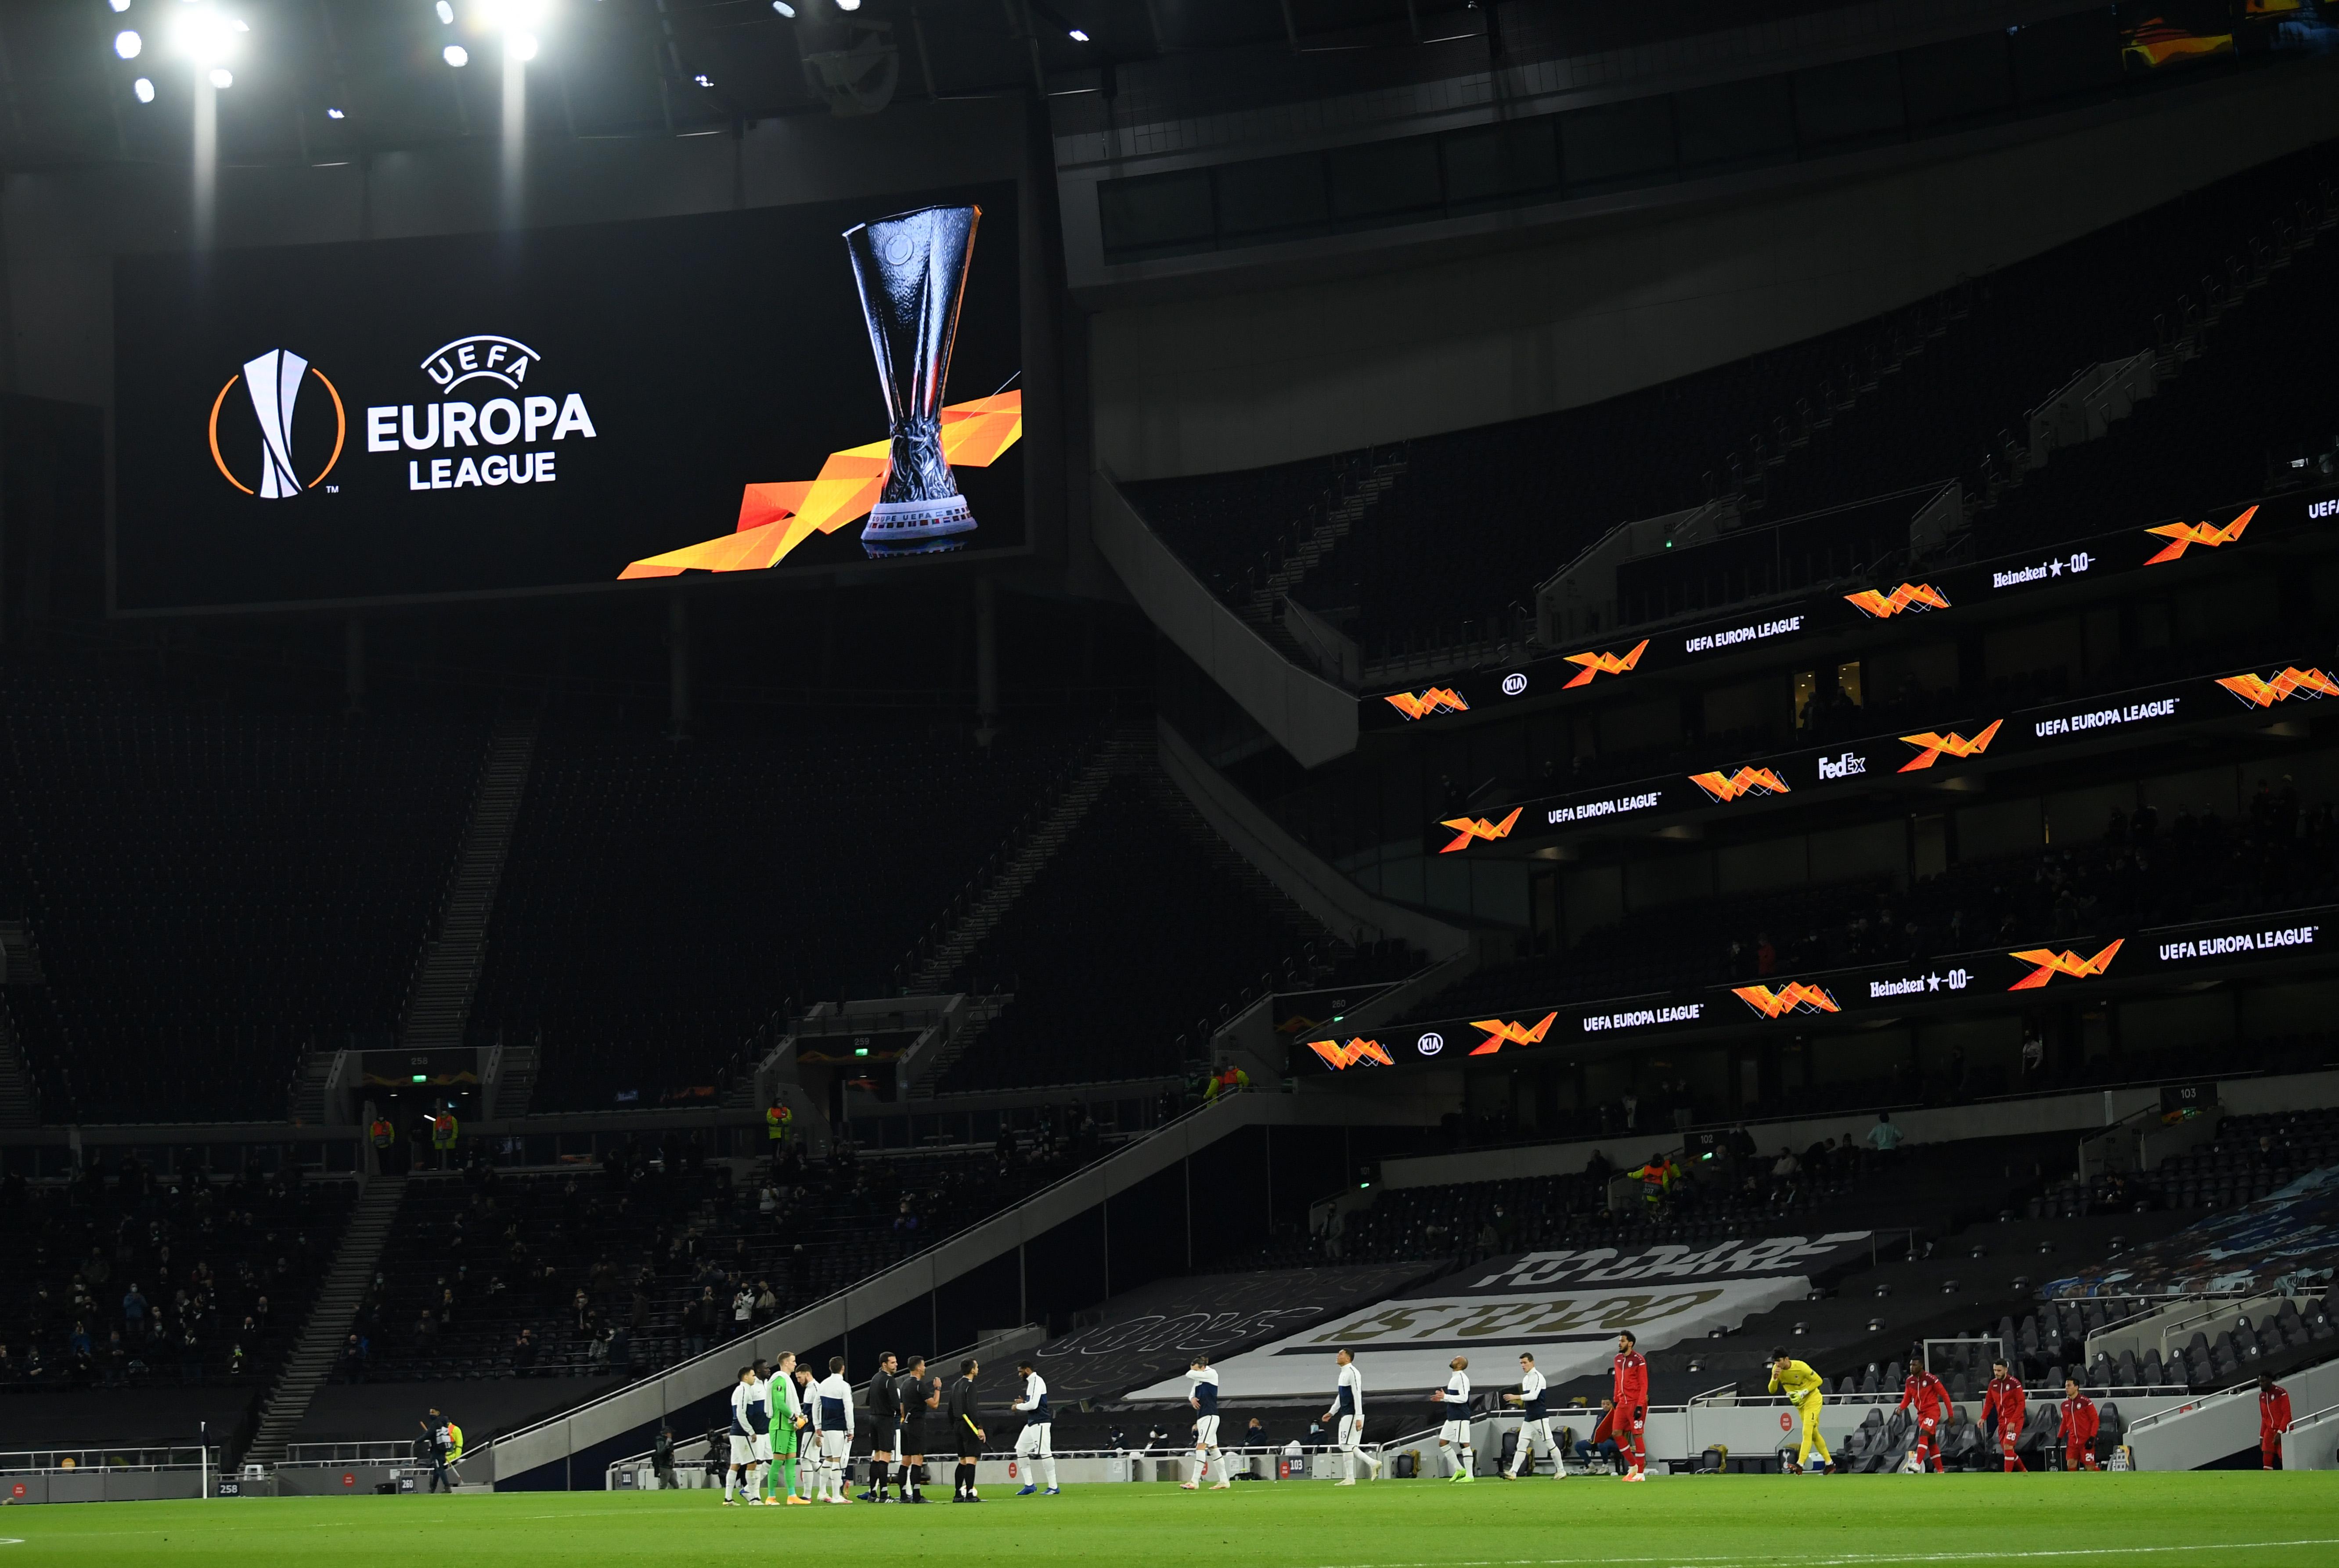 Tottenham Hotspur v Royal Antwerp: Group J - UEFA Europa League